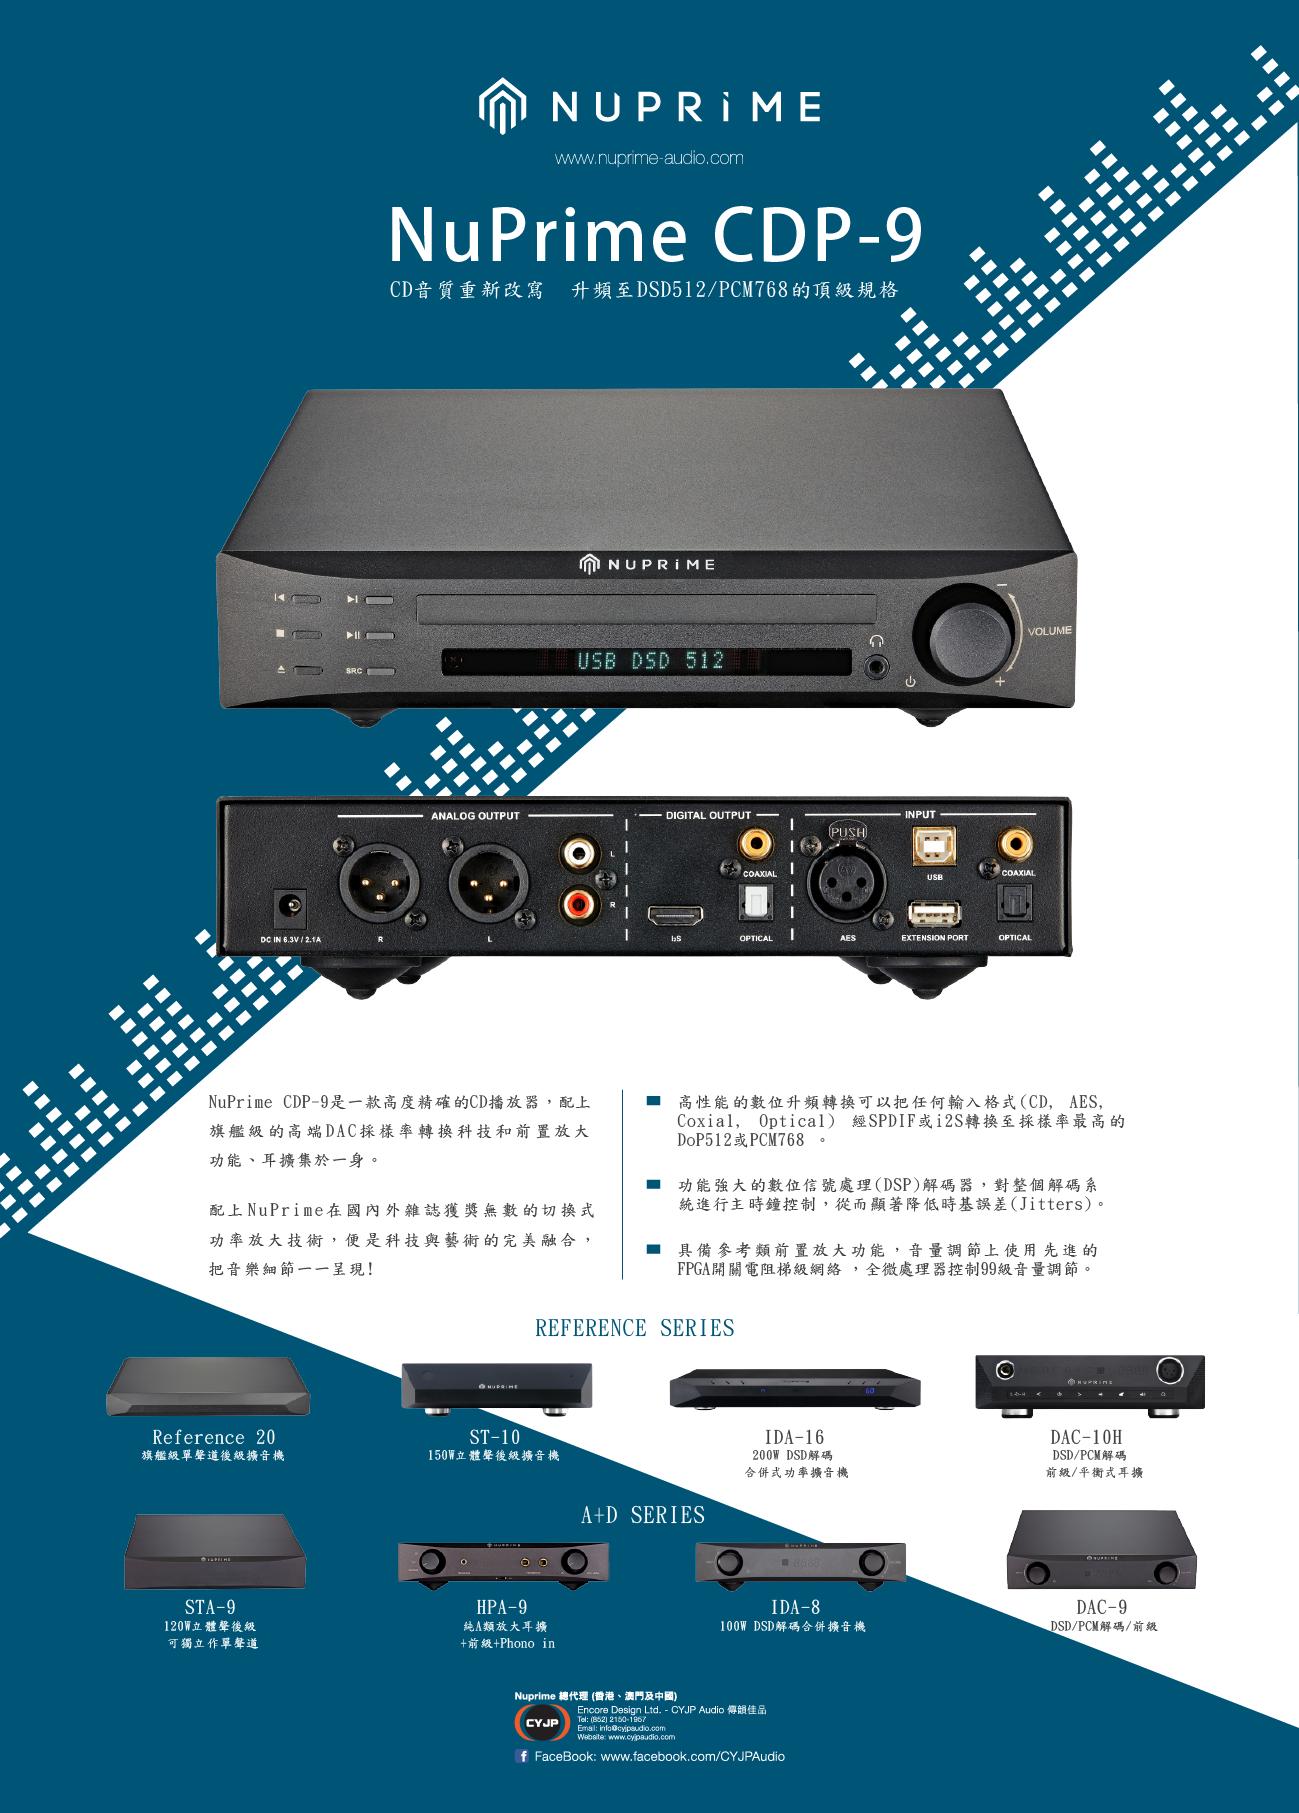 Nuprime CDP-9 CD 播放器另CD音質重新改寫,提升至DSD512頂級規格